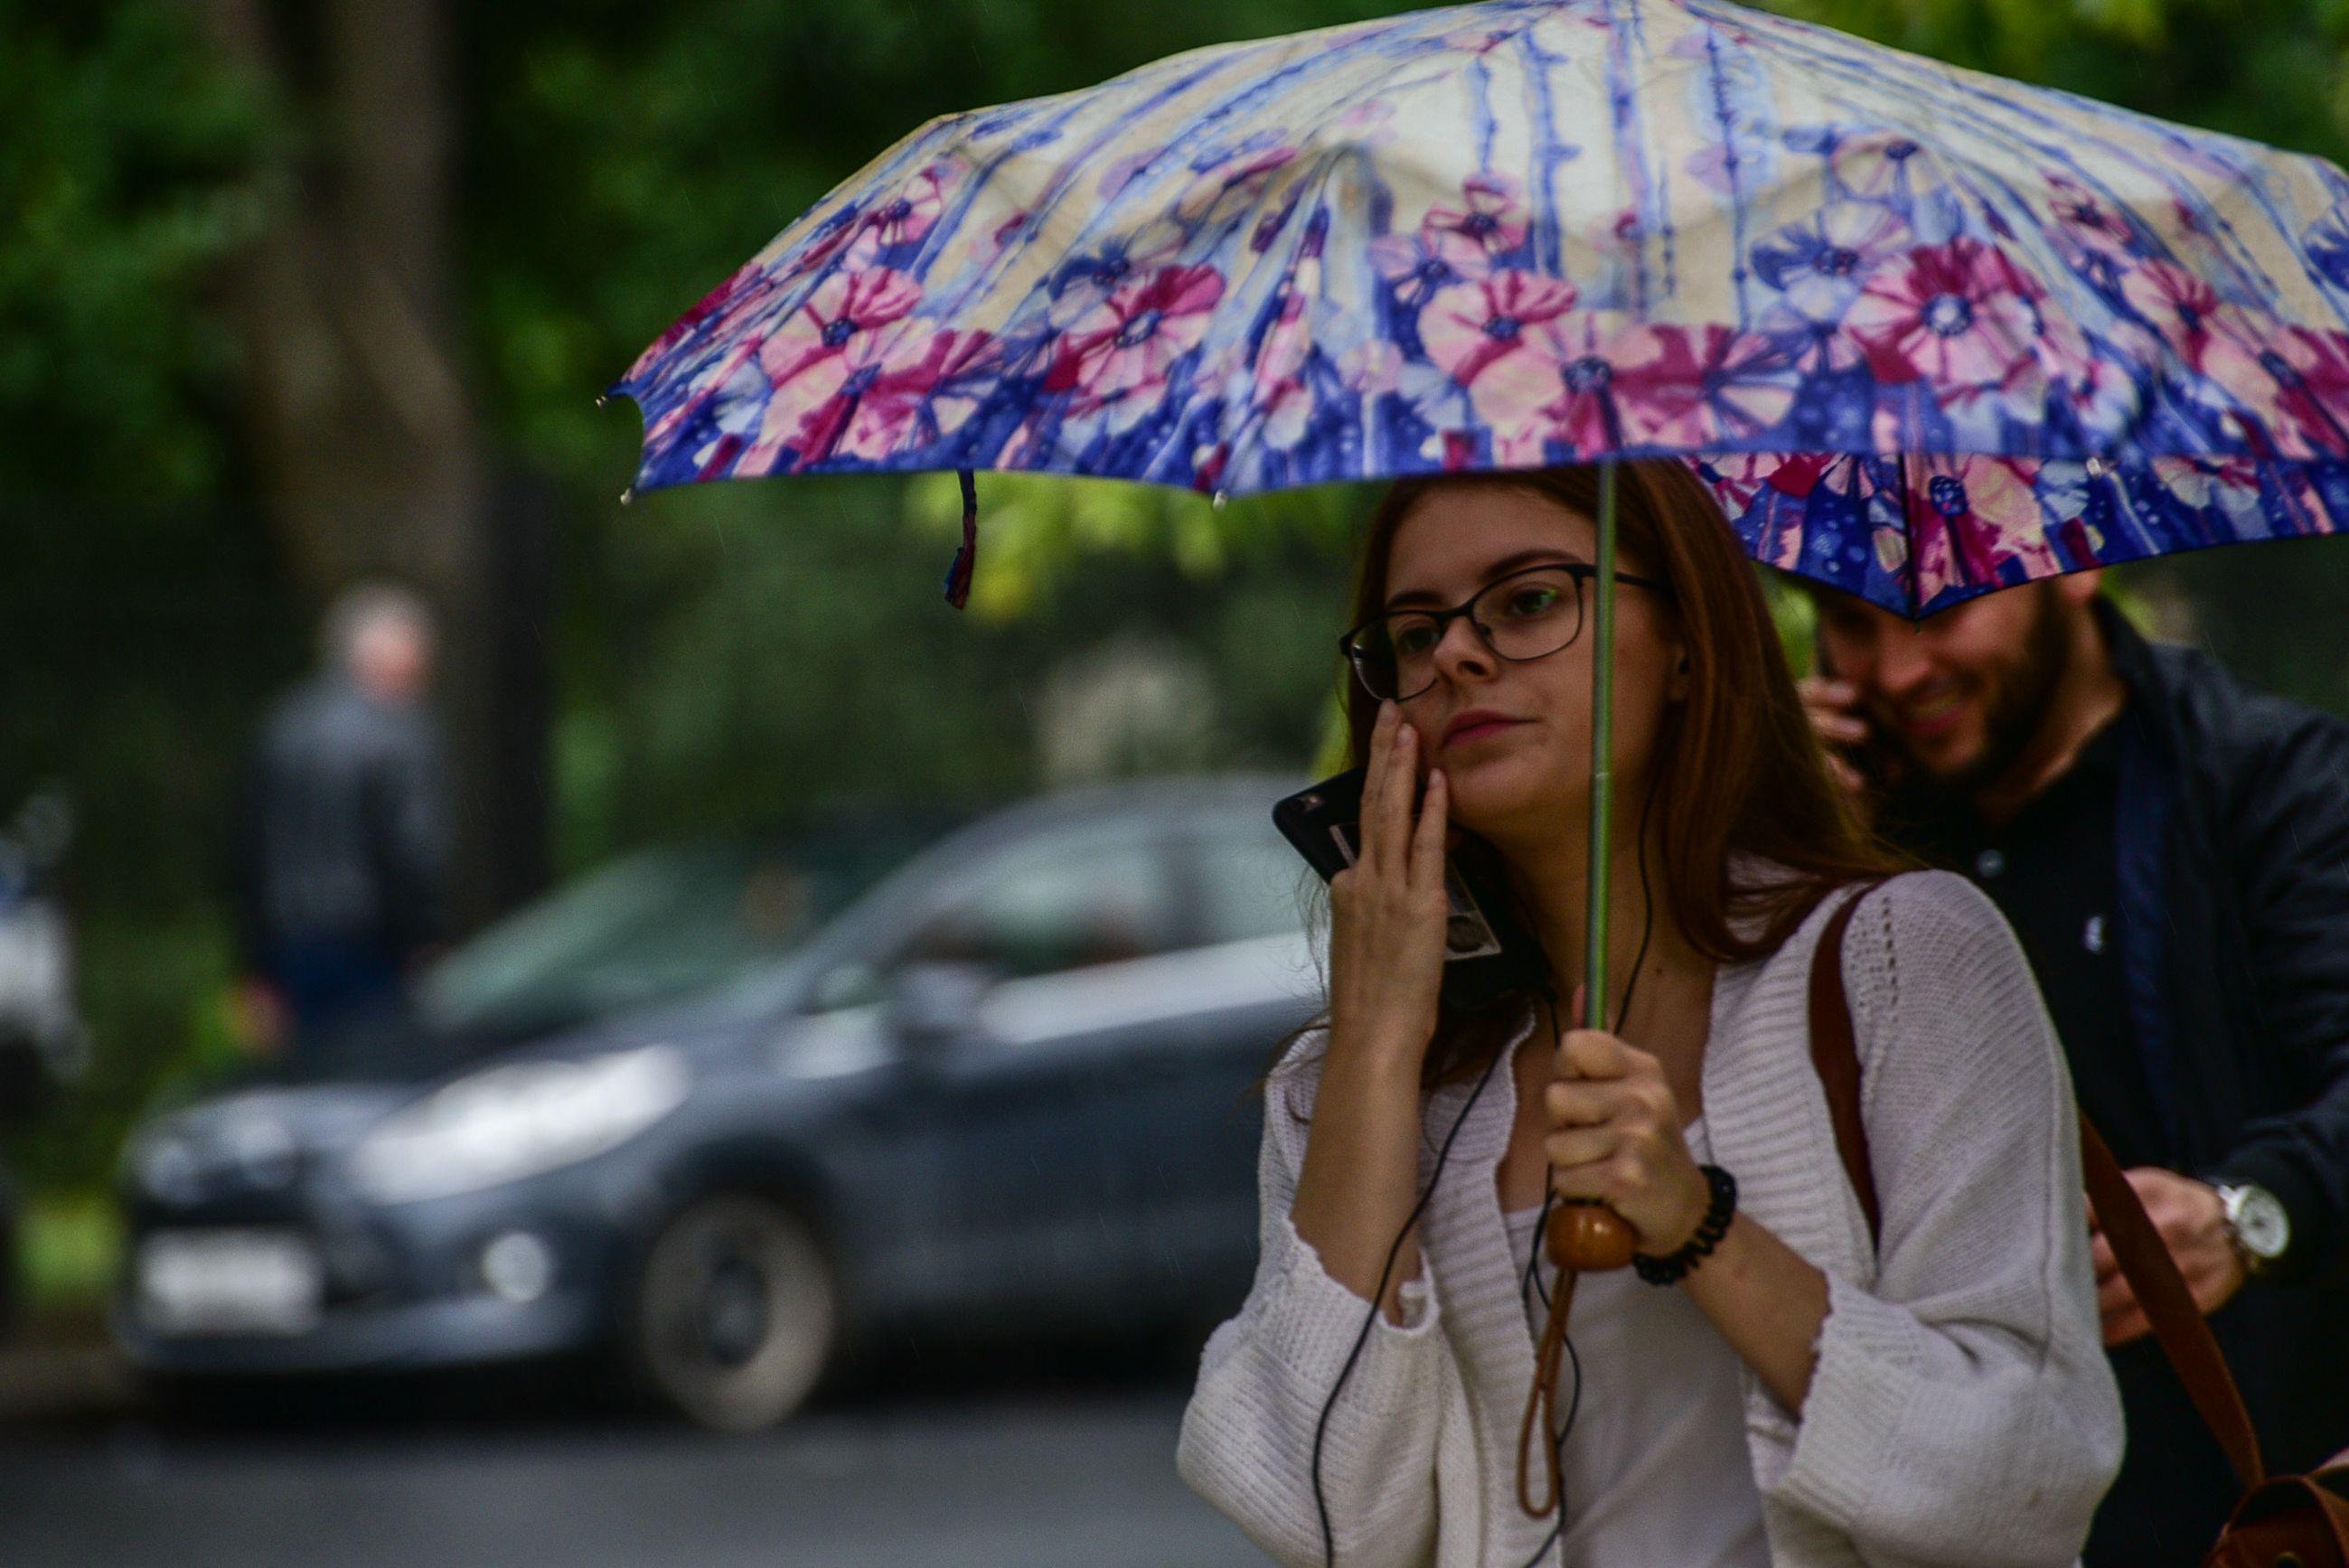 Жителей Москвы ждет жаркая и ветрена погода на выходных